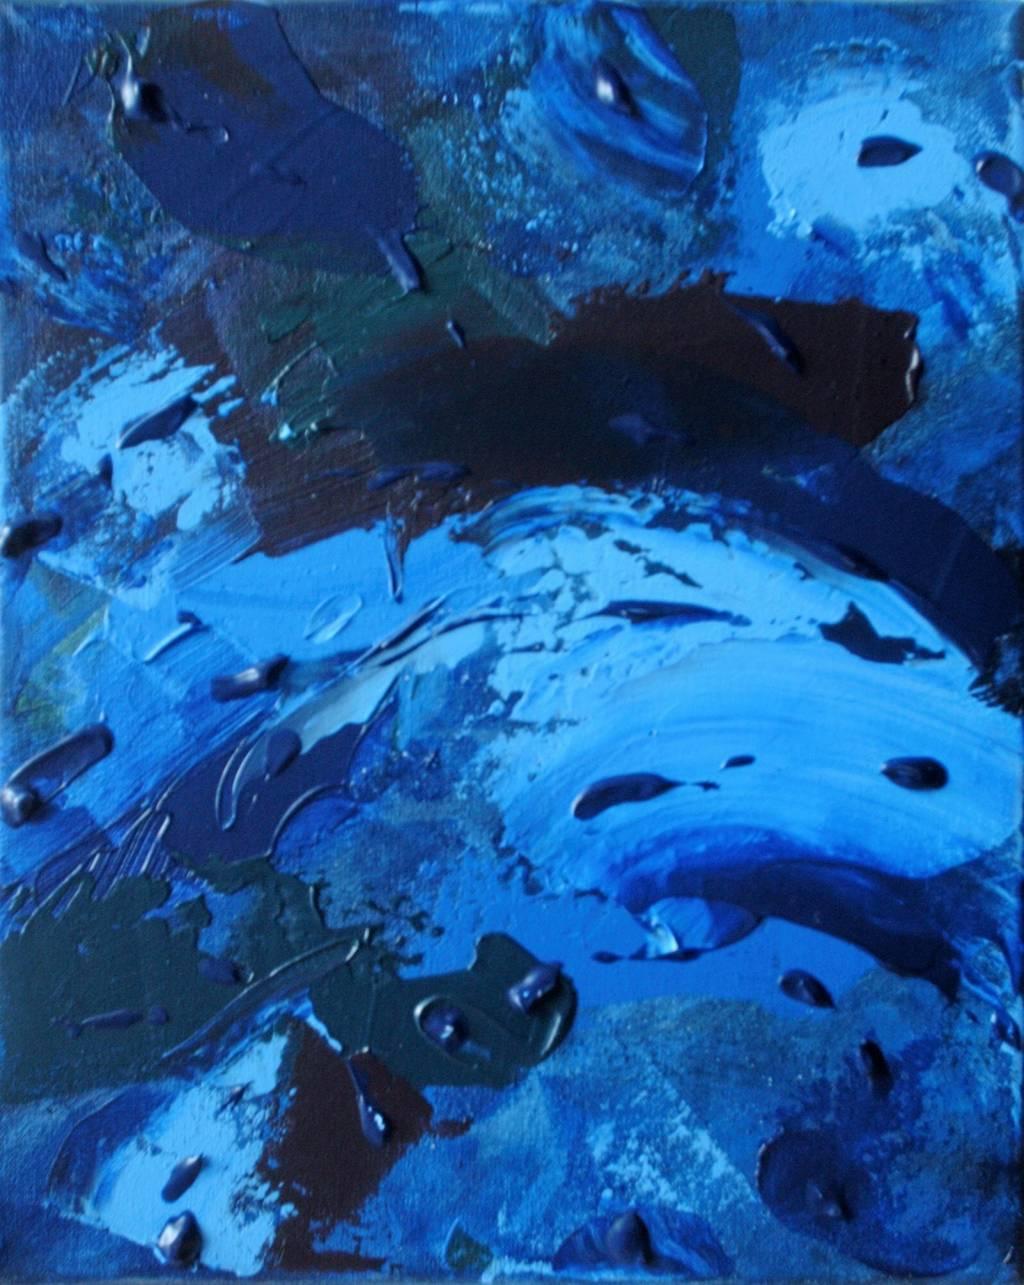 Tonos azules diego gallotti - Tonos azules ...